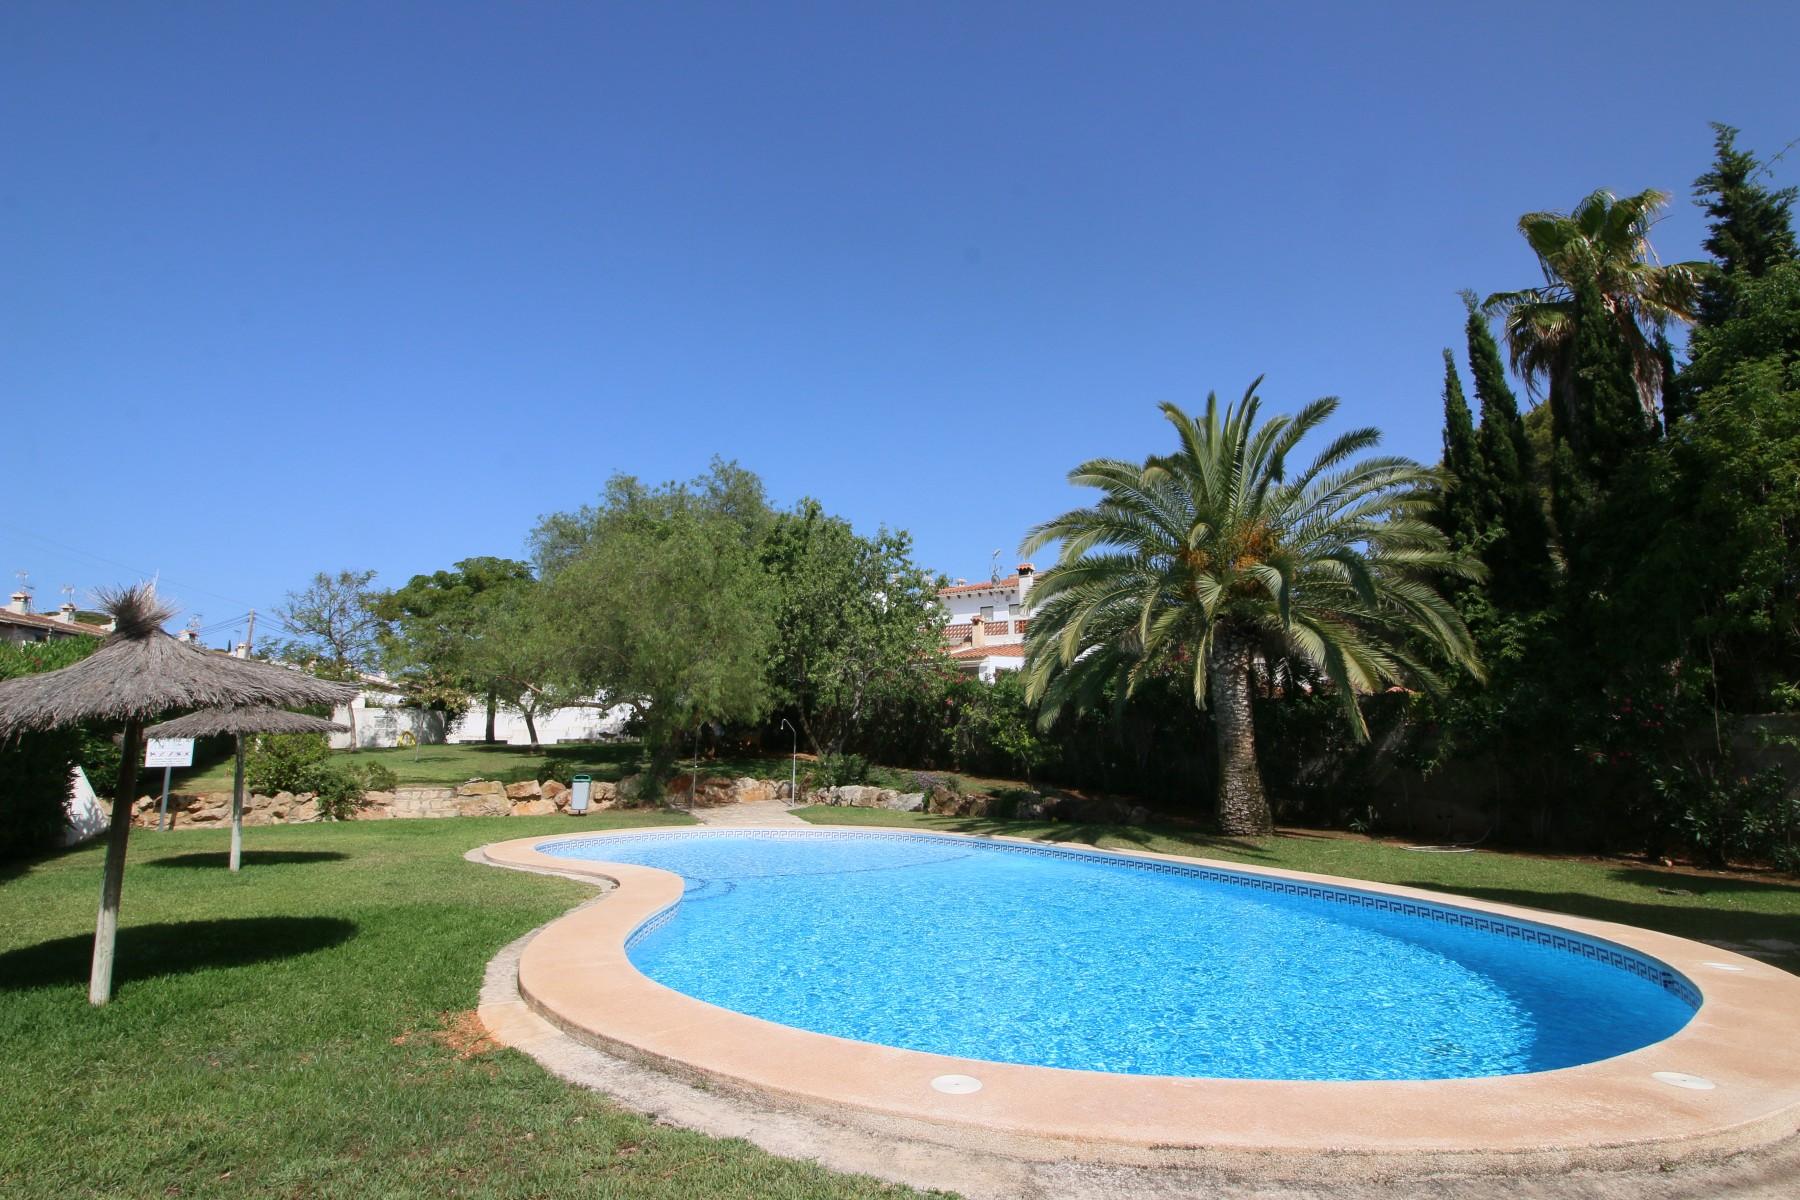 Villa Residencial Montesol,Denia,Costa Blanca #2